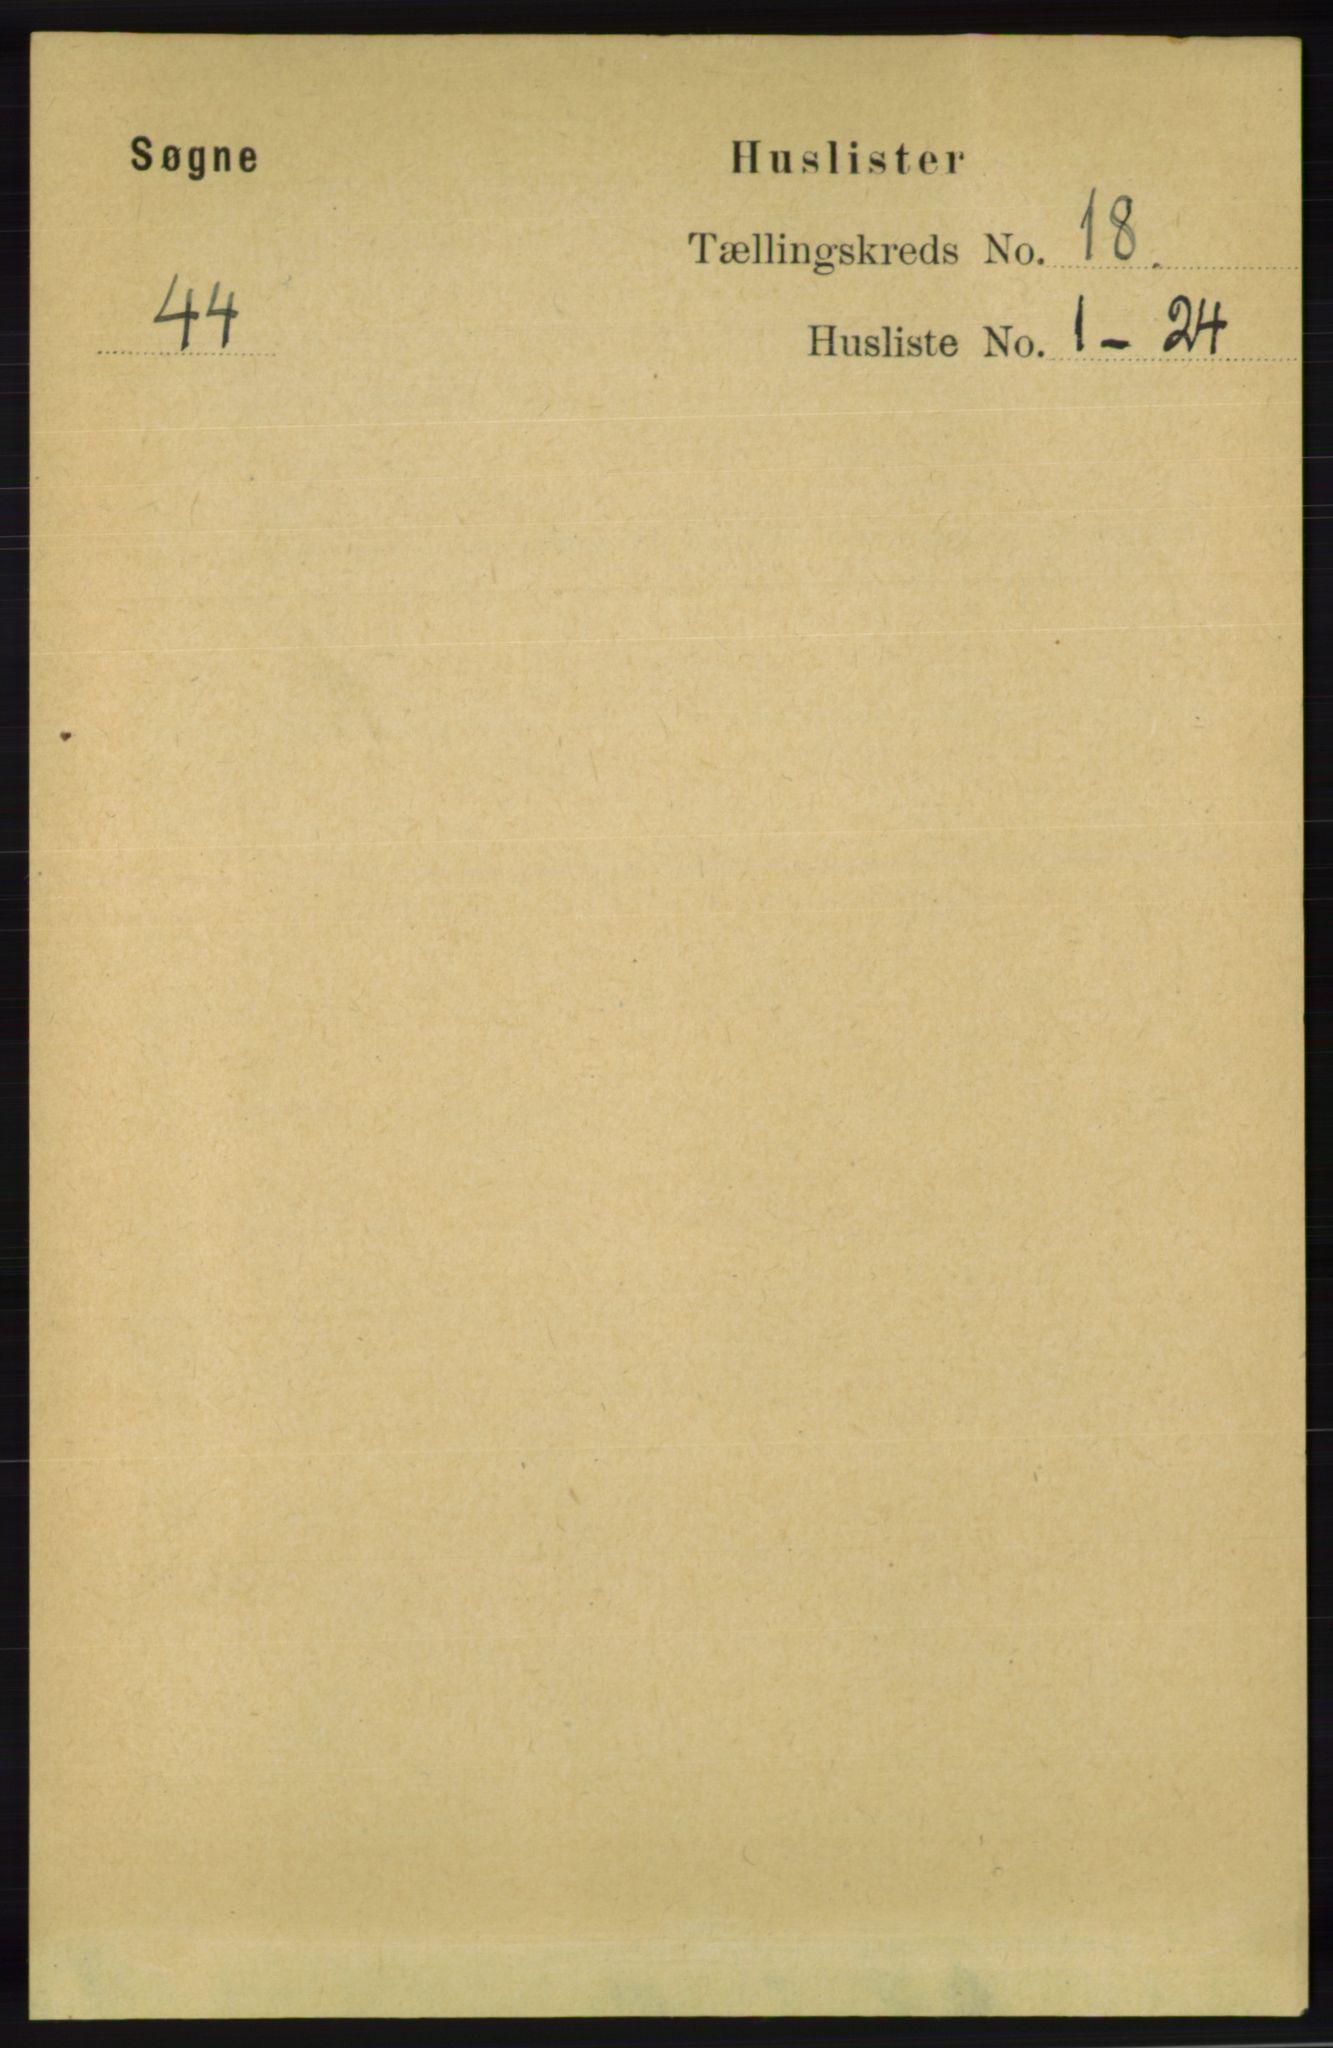 RA, Folketelling 1891 for 1018 Søgne herred, 1891, s. 4702